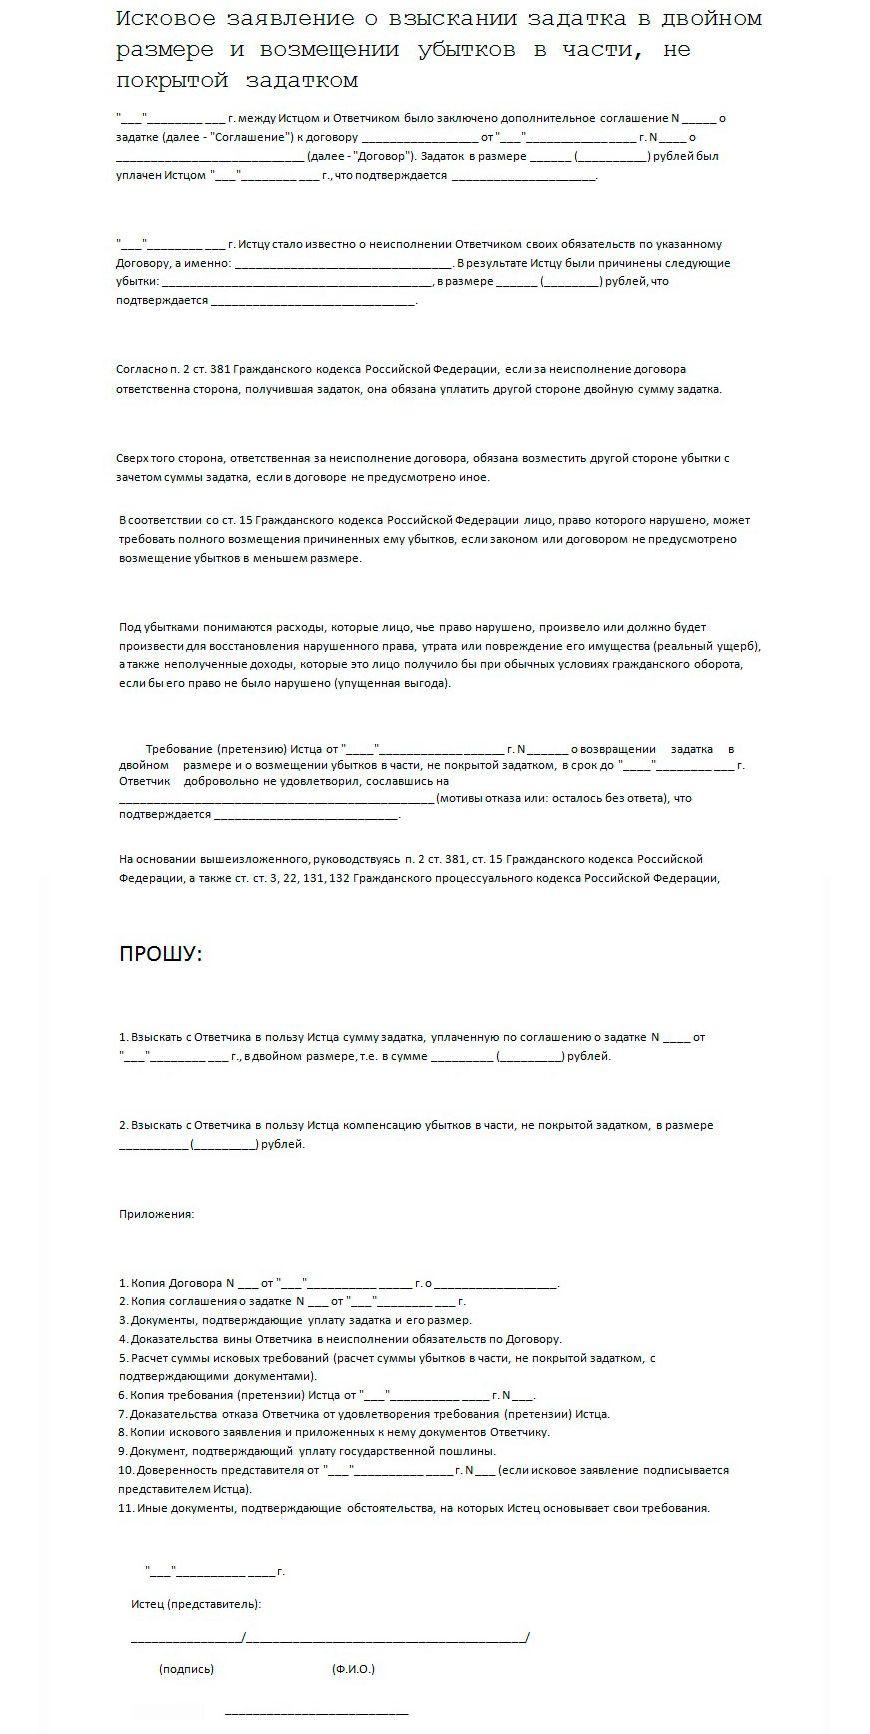 Образец искового заявления о взыскании задатка